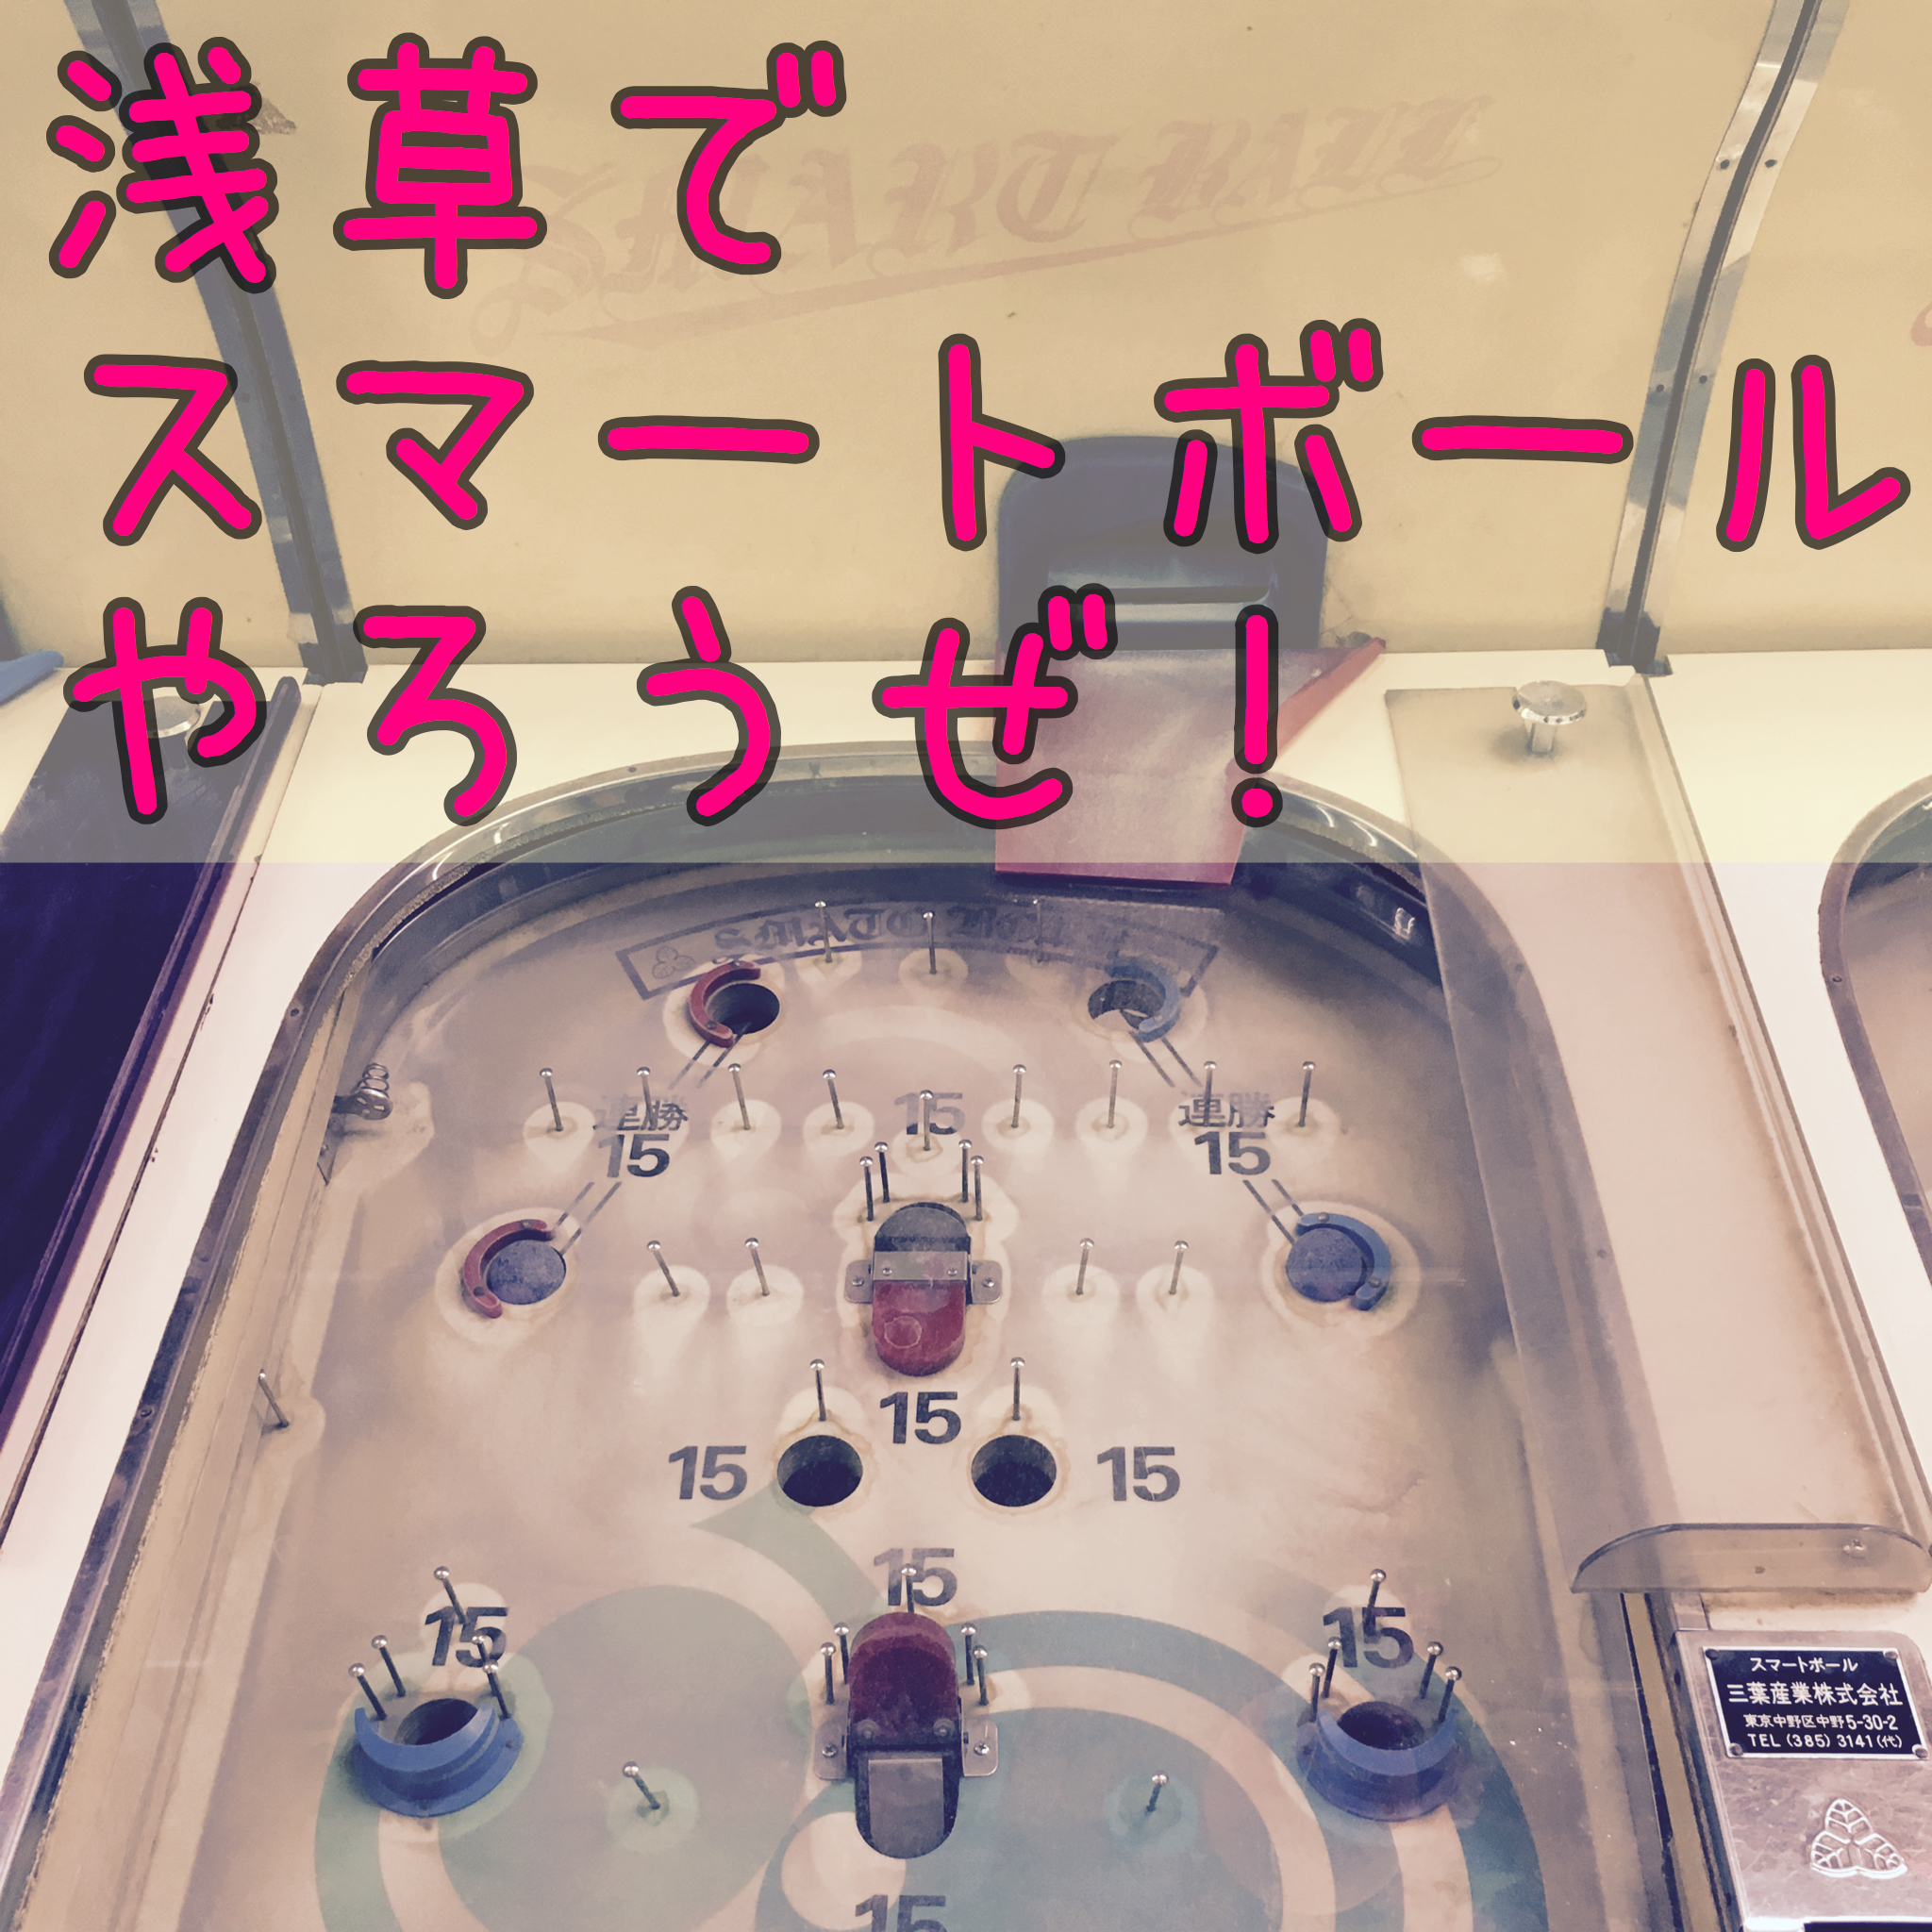 浅草でスマートボールができる店『三松館』に潜入調査してきた!レトロ好きは必見のスポット